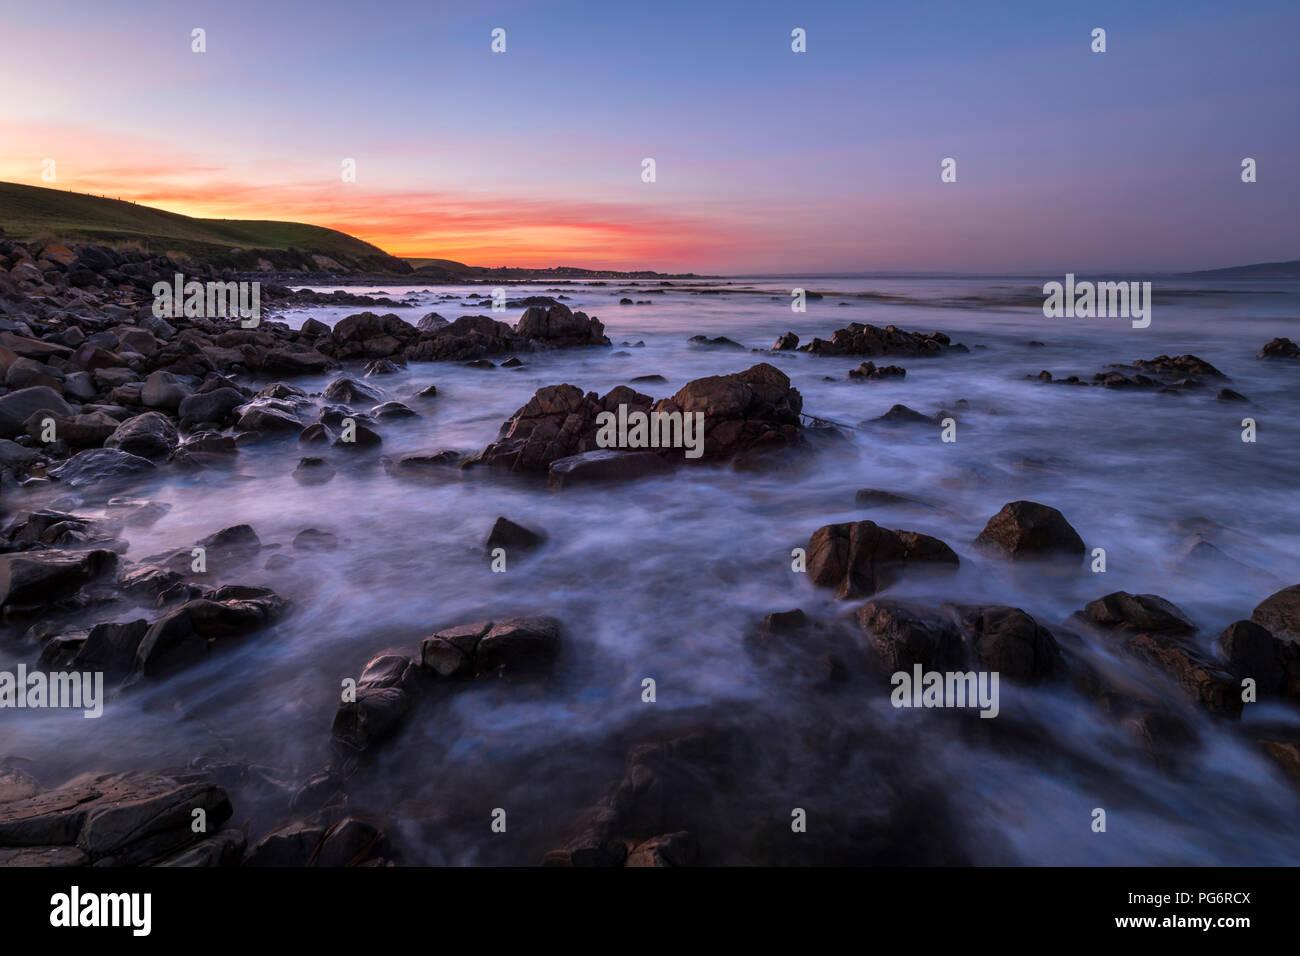 Nouvelle Zélande, île du Sud, le sud de l'itinéraire touristique, Catlins, coucher du soleil à Kaka Point Photo Stock